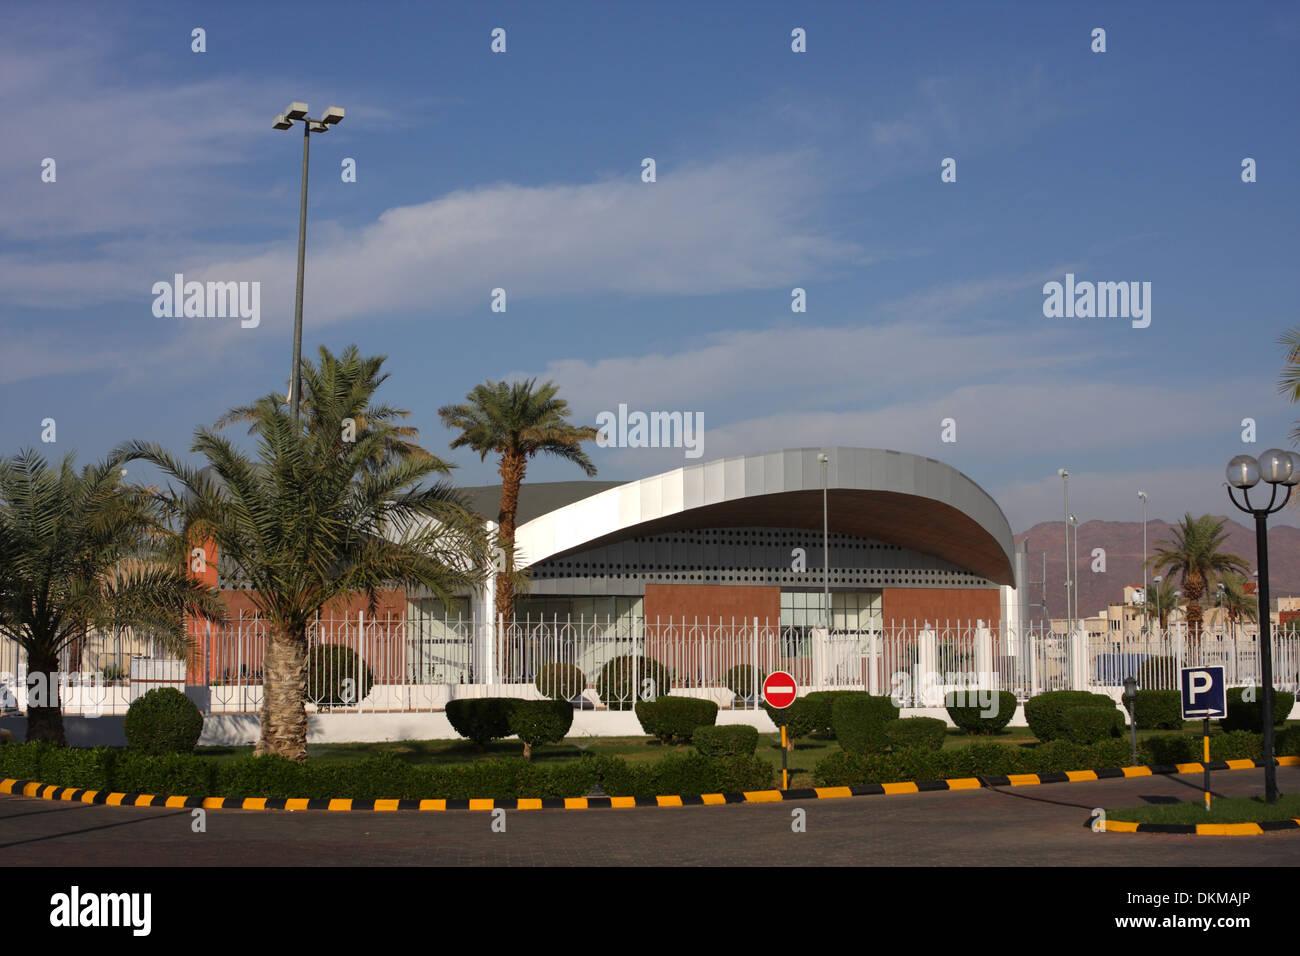 El club de salud del Hotel Le Meridien, Medina, Reino de Arabia Saudita Imagen De Stock